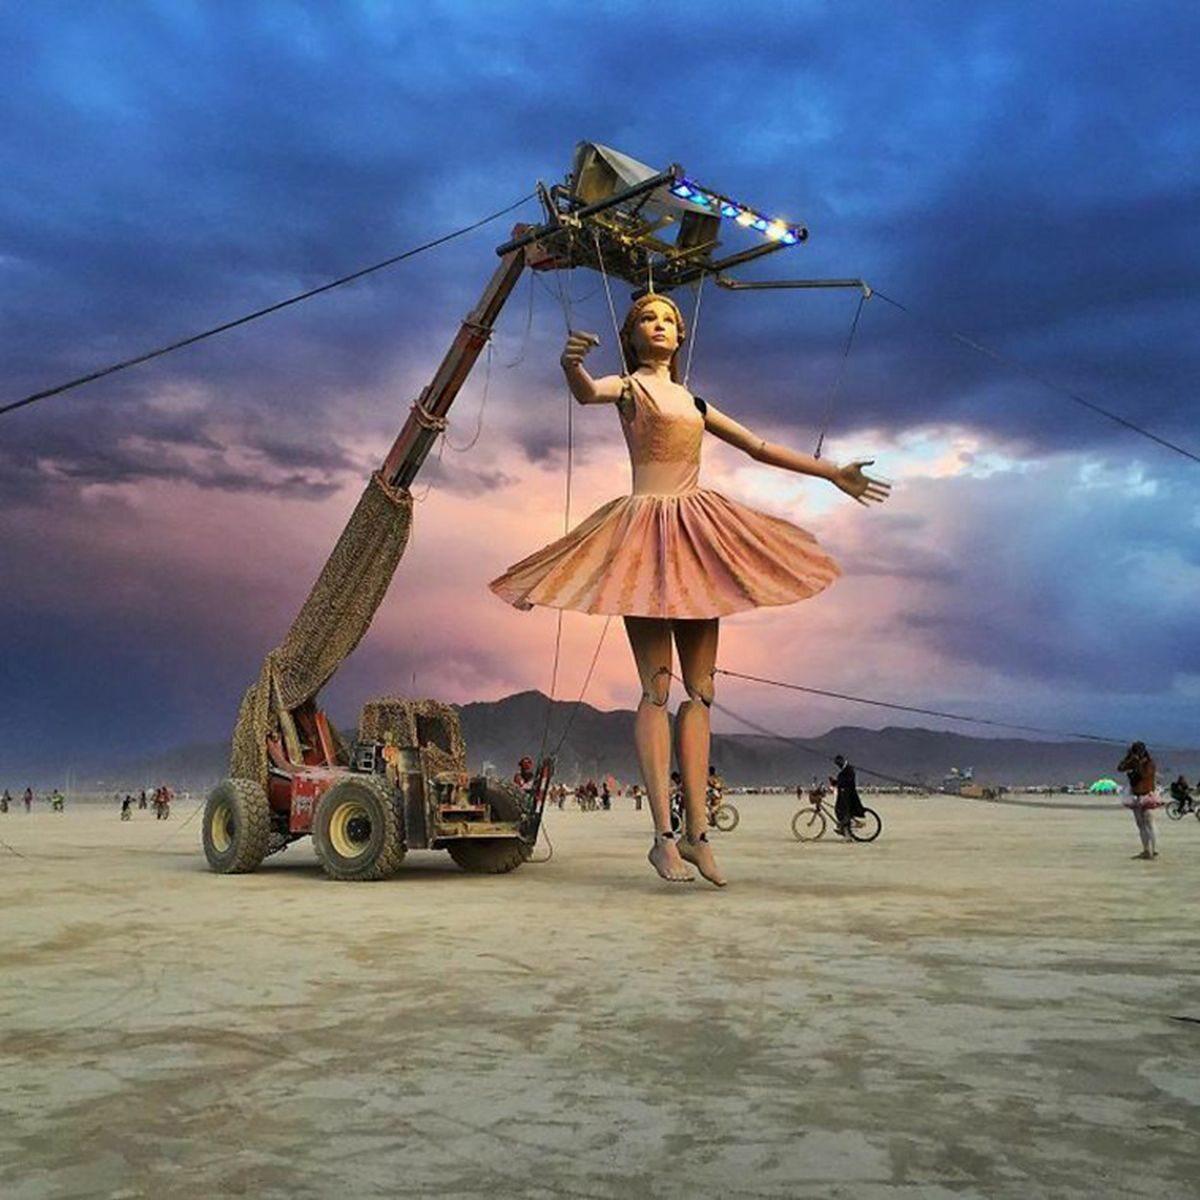 Na środku pustyni na kilka dni powstaje miasto osobliwości. Tak wygląda festiwal Burning Man 2017